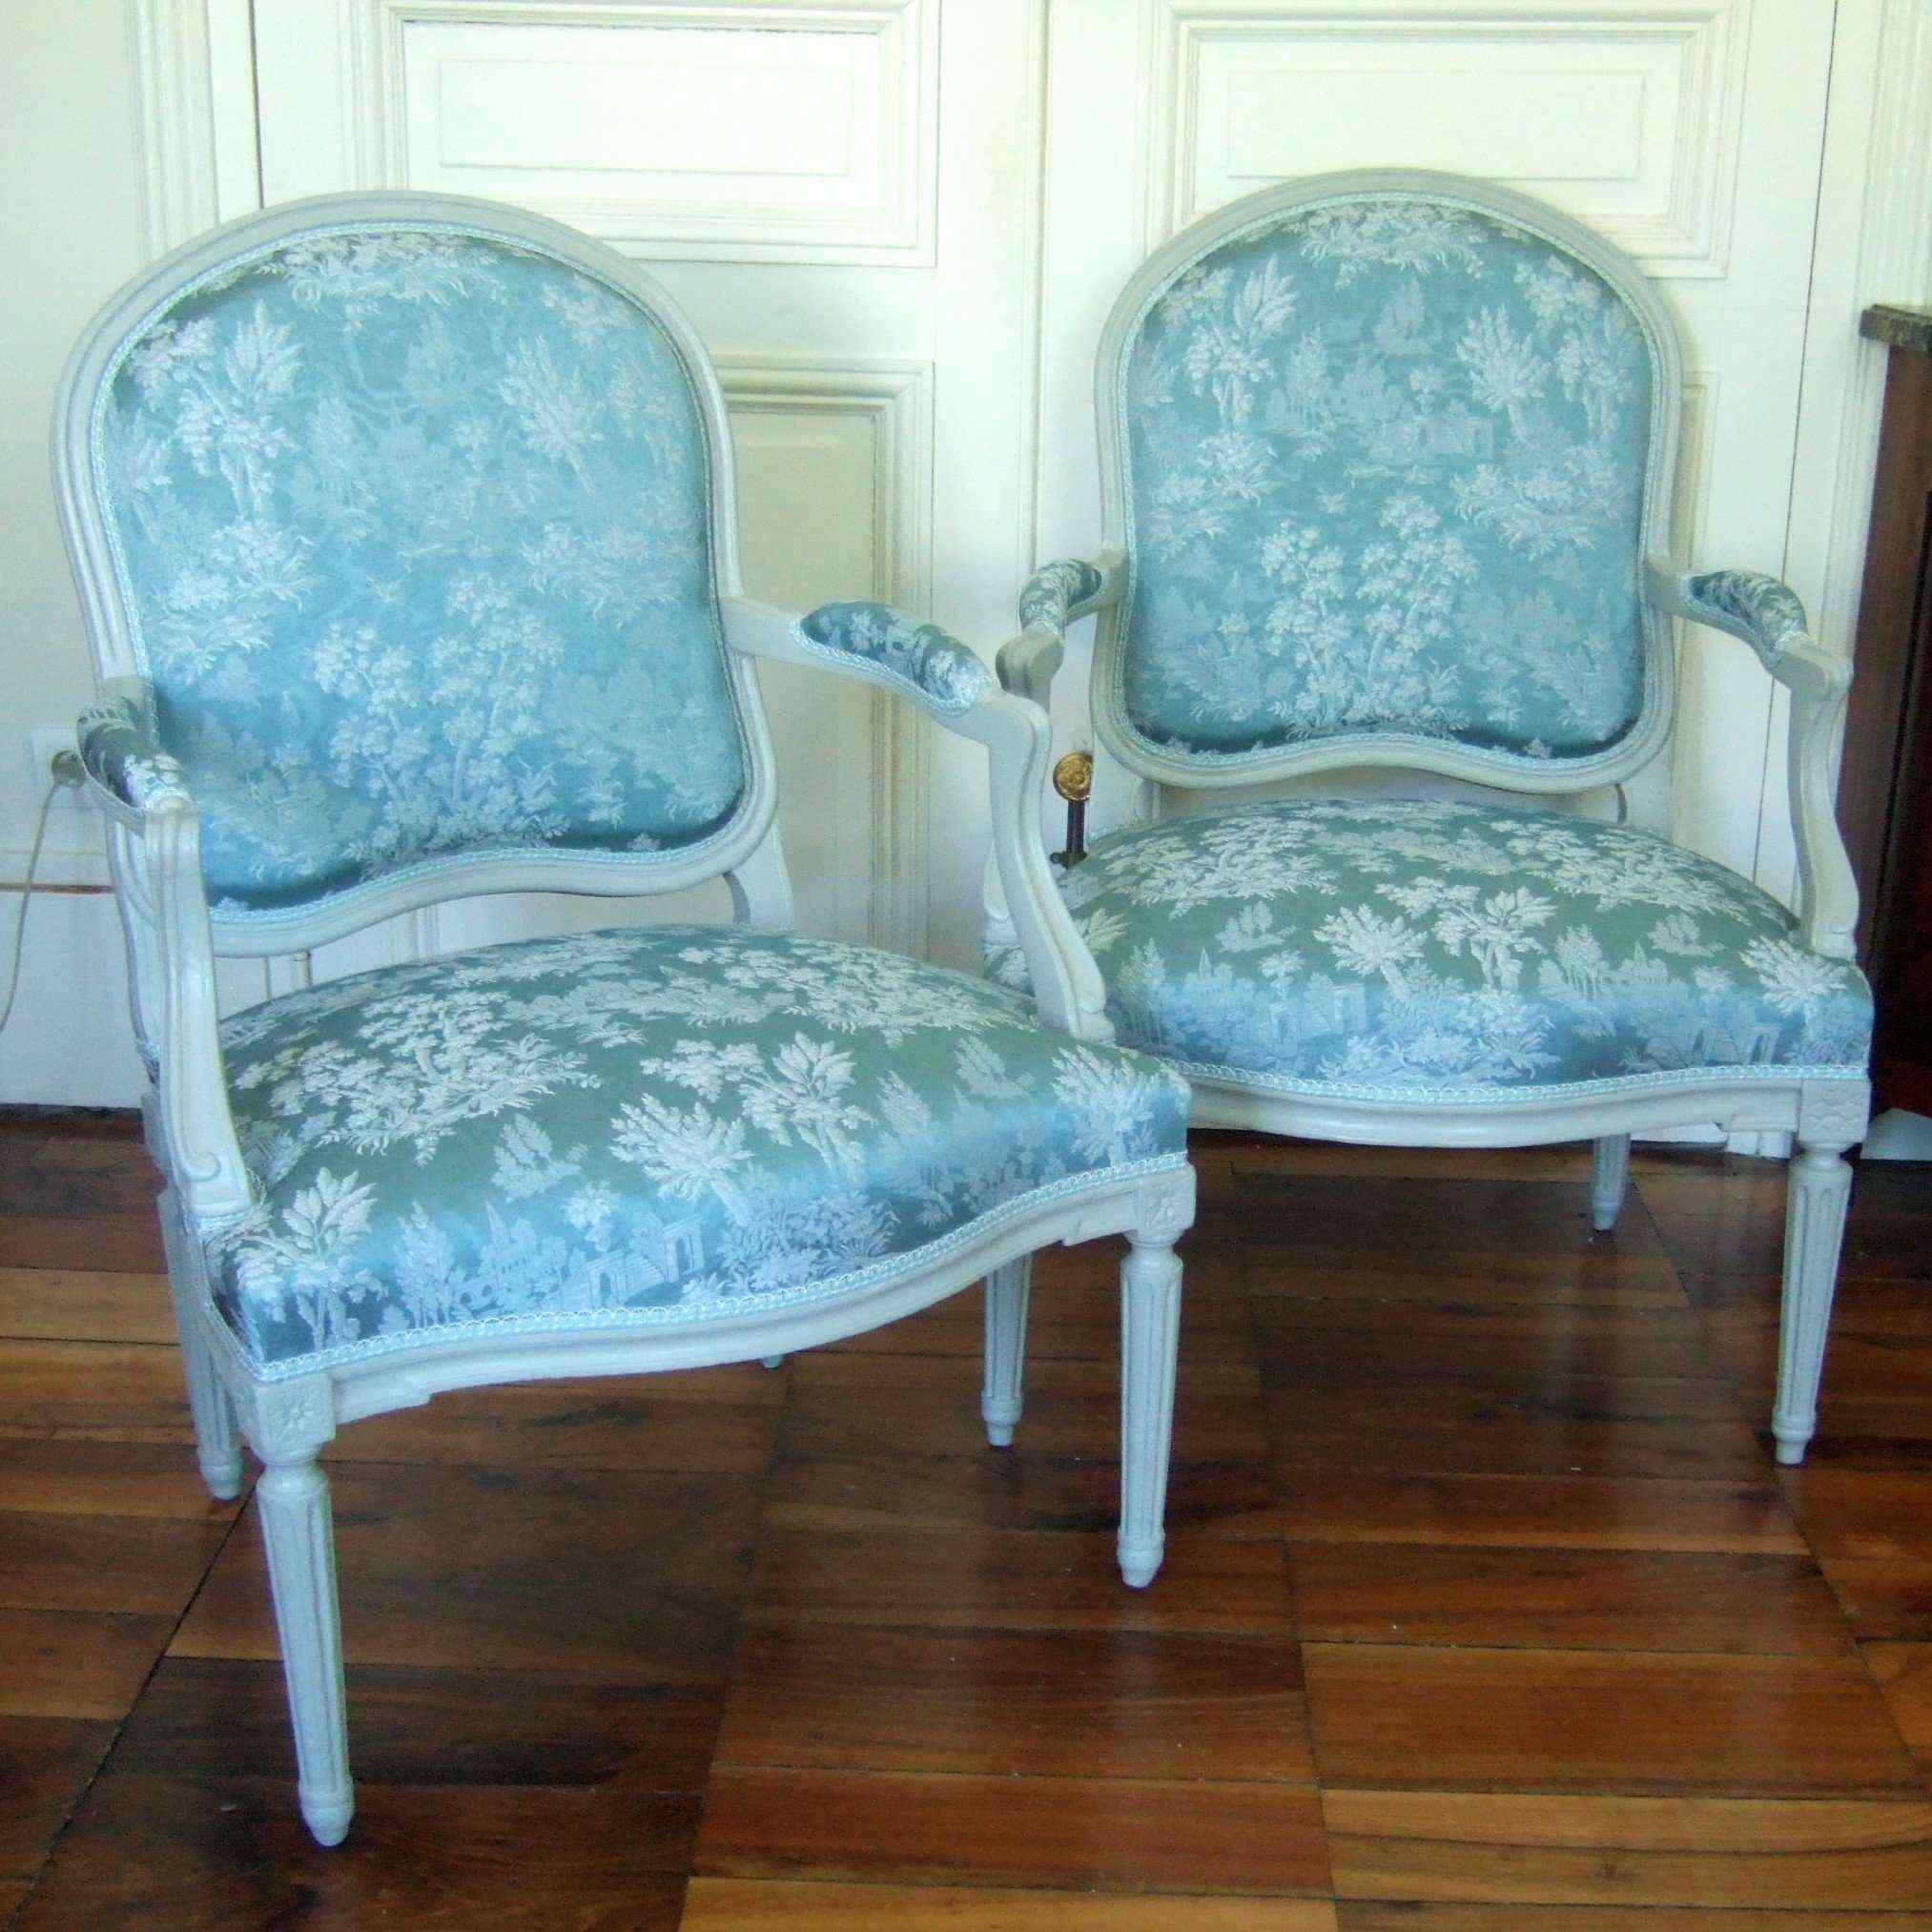 Coppia di sedie d'epoca Transizione, Francia, XIX secolo